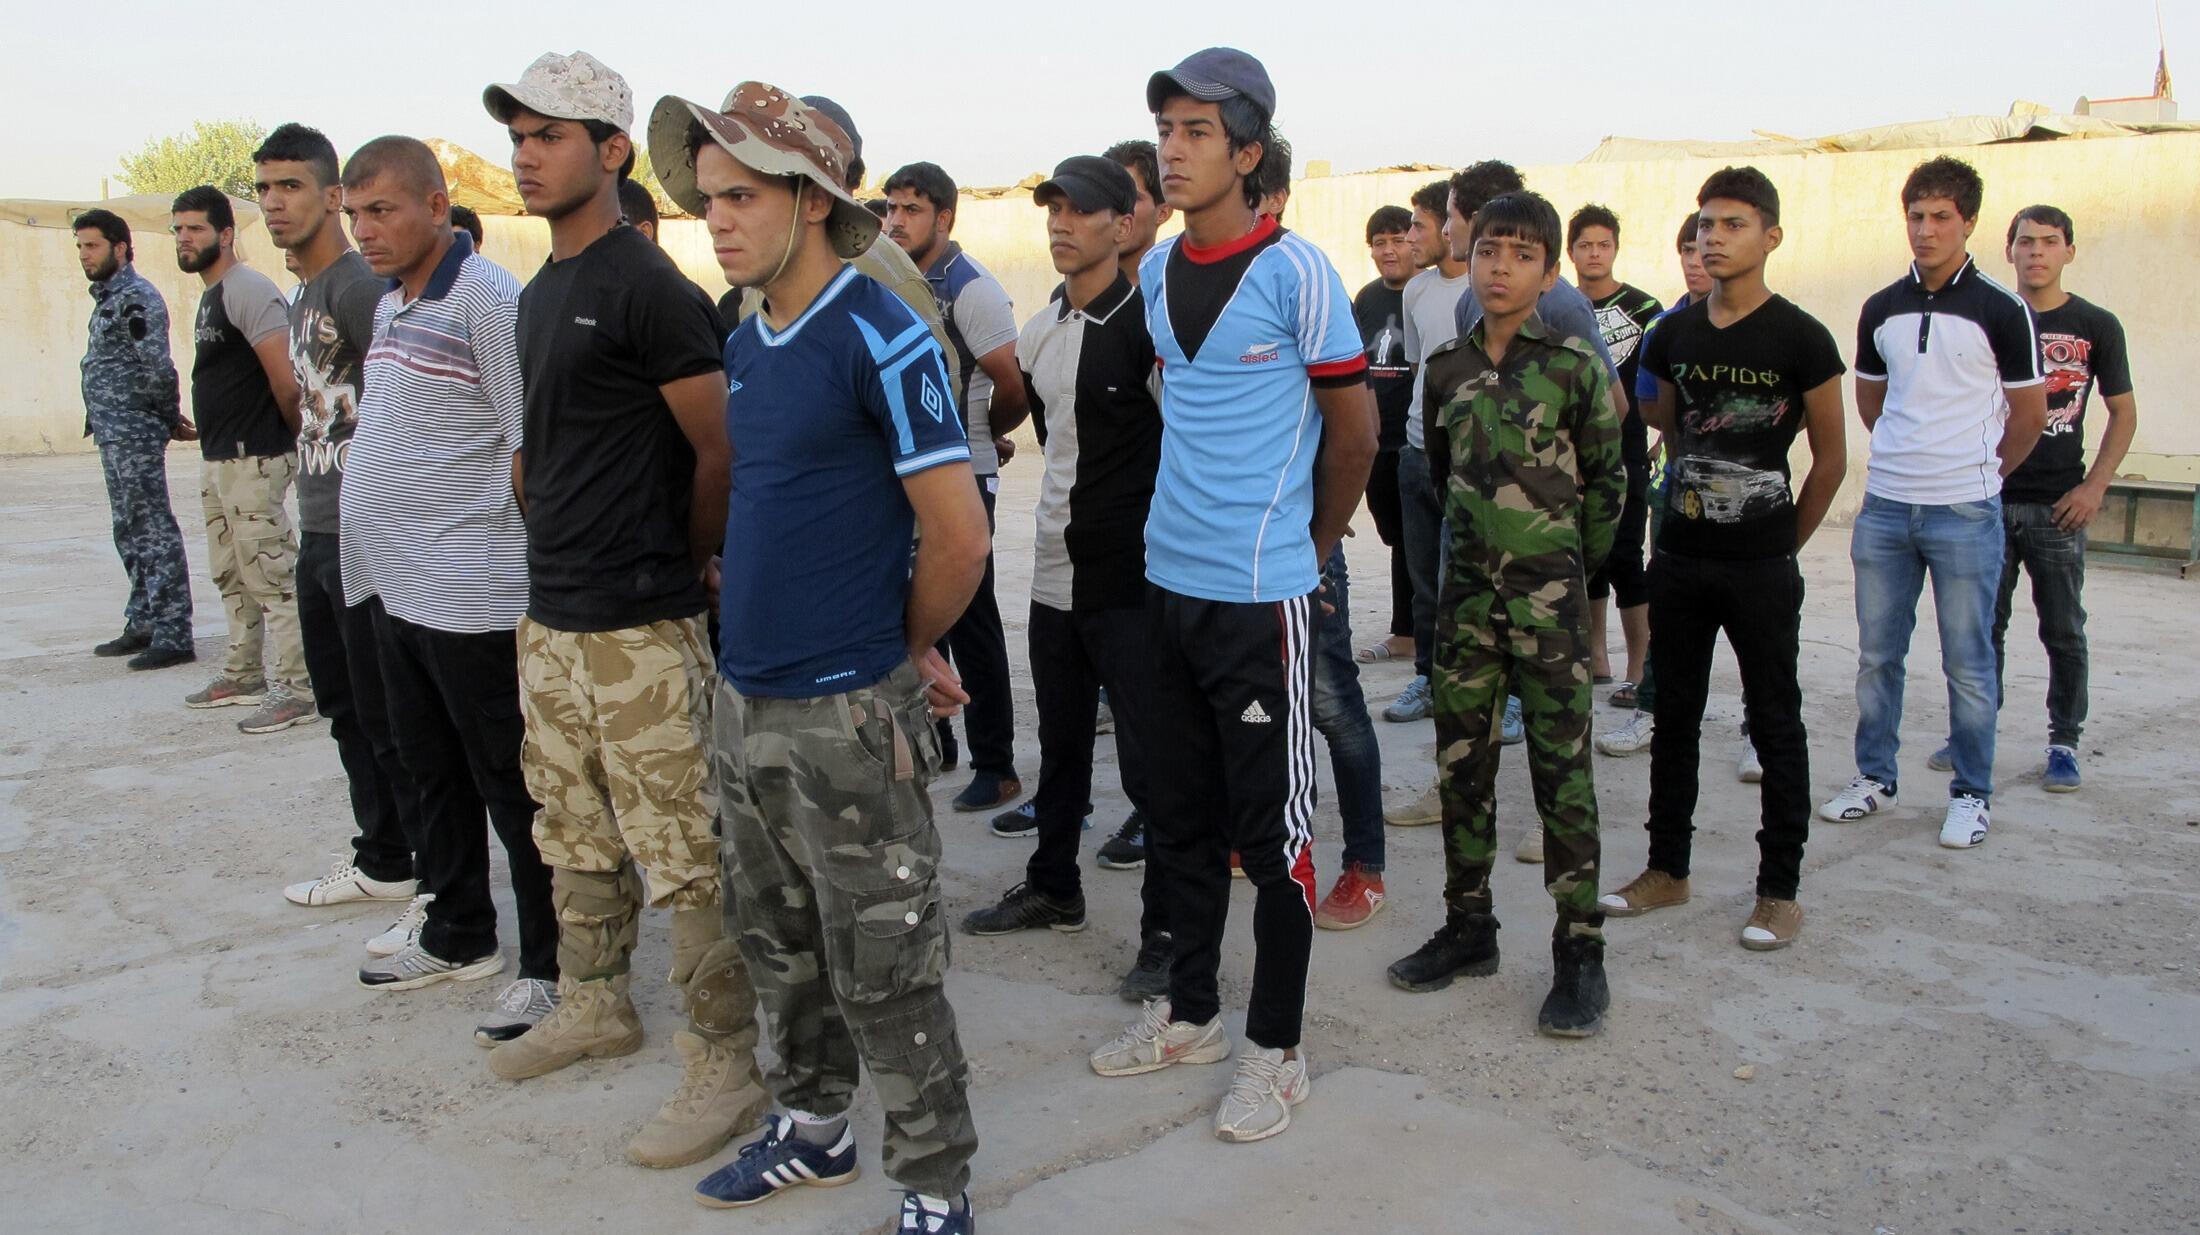 Des volontaires rejoignent les forces de sécurité le 17 juin, à Bagdad, pour combattre l'EIIL.